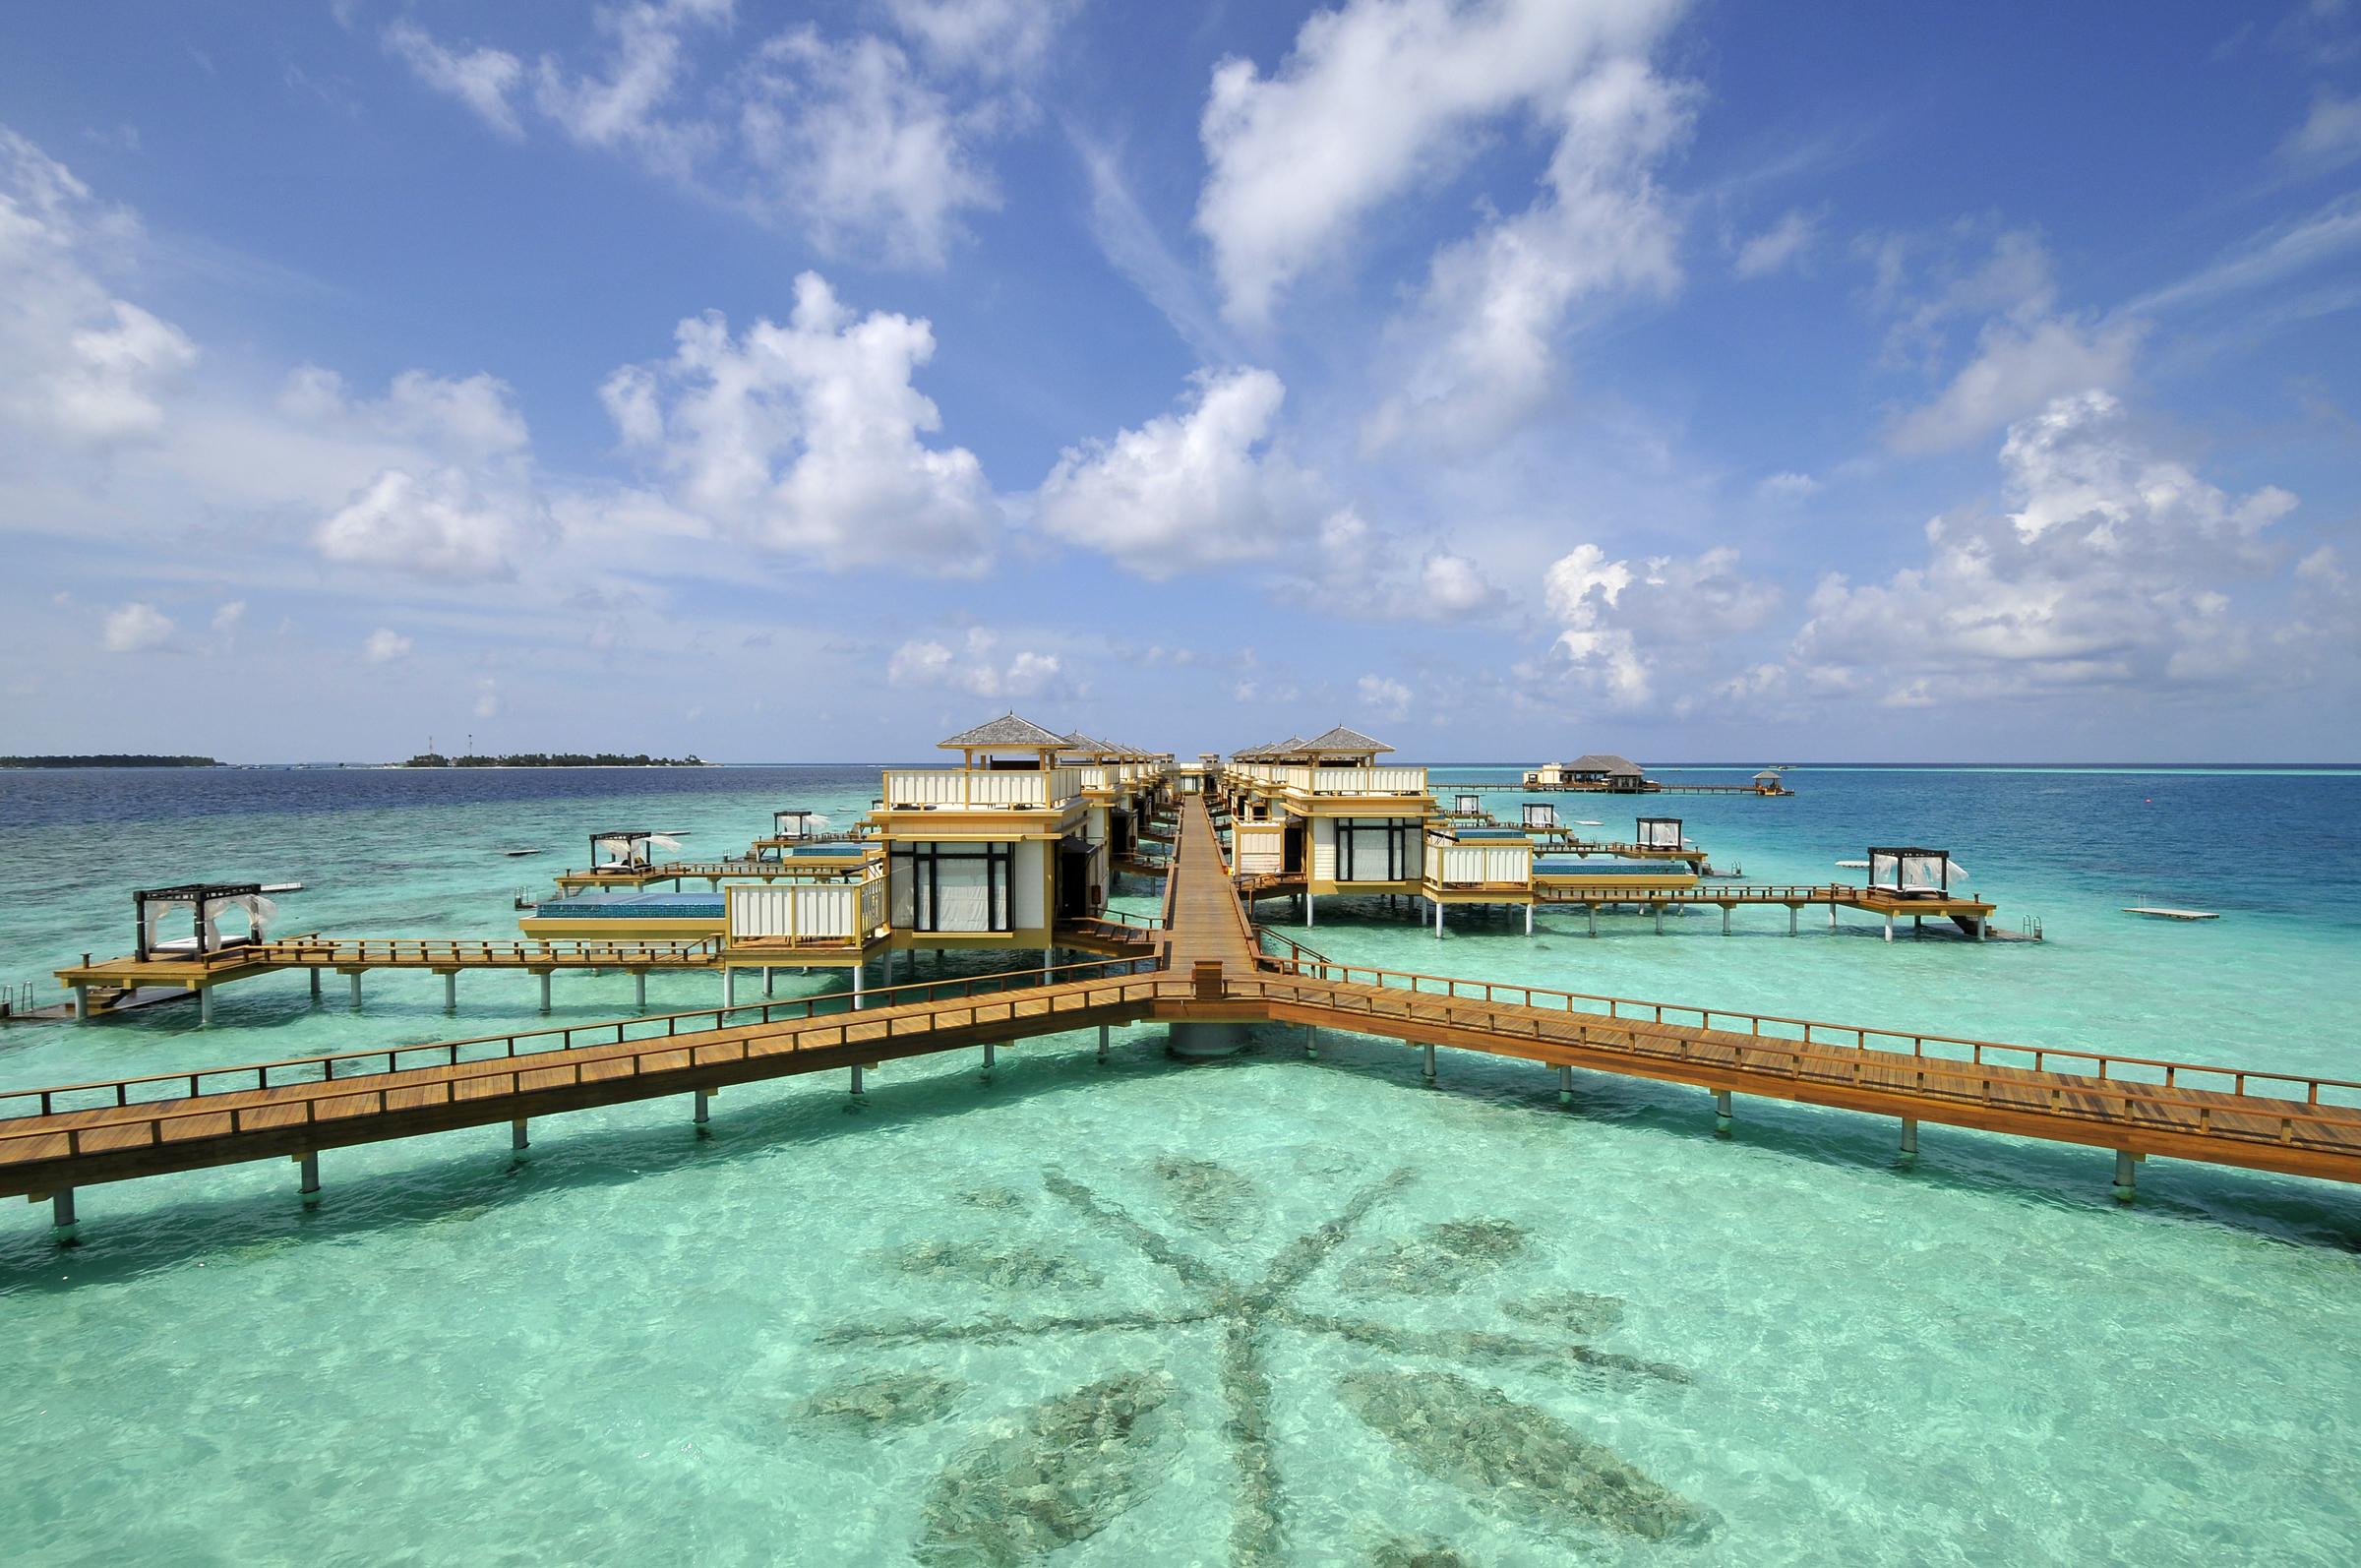 O hotel tem villas espalhadas pelo mar